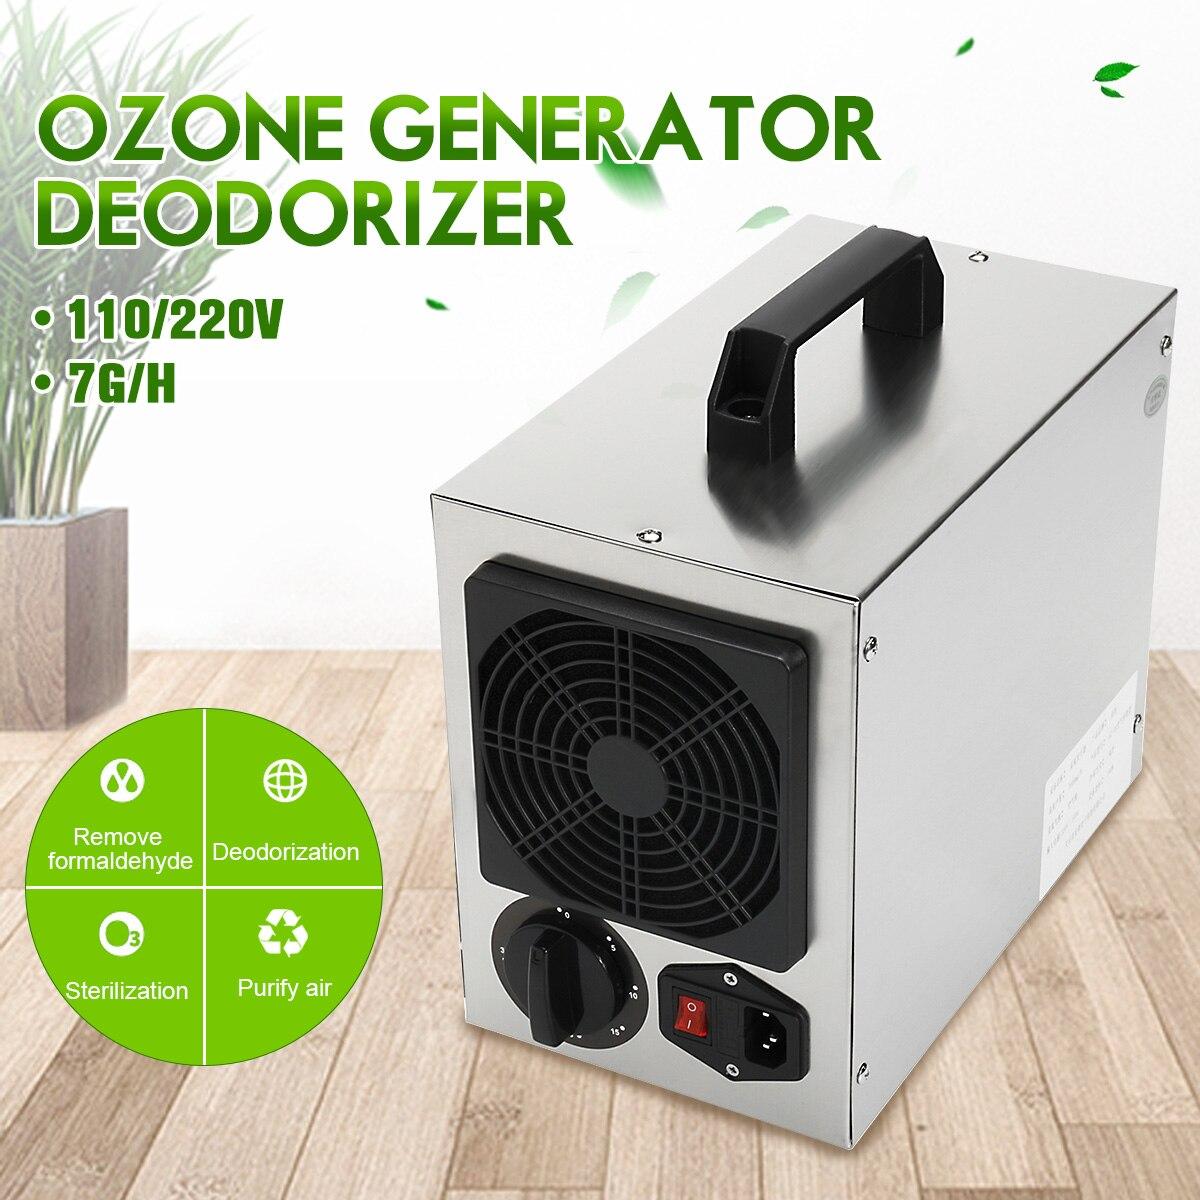 Главная Коммерческая Озон Генератор 7 Гц/ч O3 Воздухоочистители дезодорант 220 В/110 Воздухоочиститель для больницы фабрика домашнего AU разъем